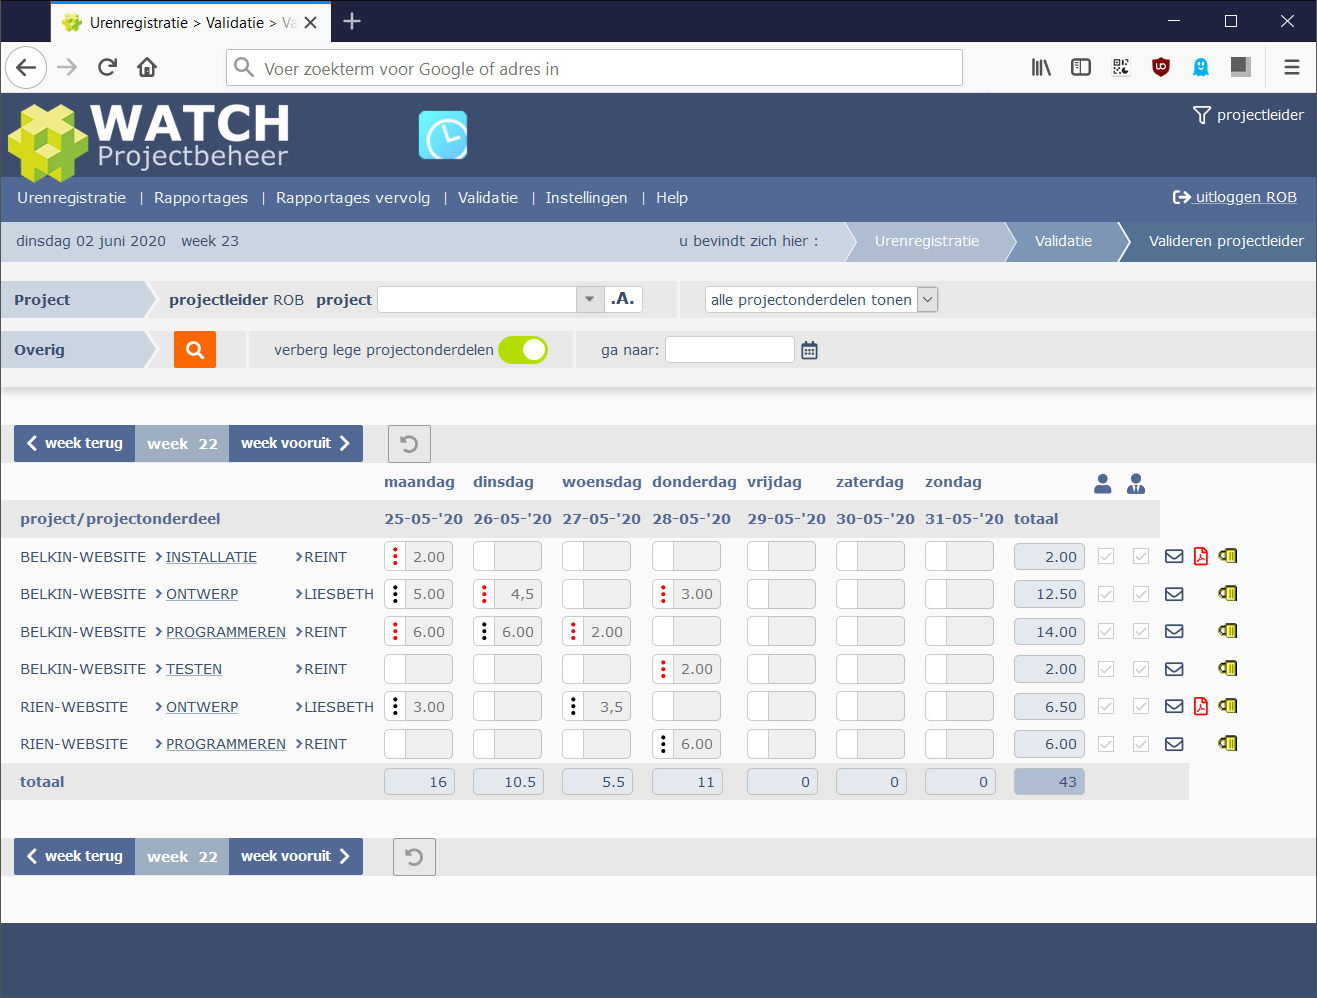 Status verwerkt in projectleider validatiescherm